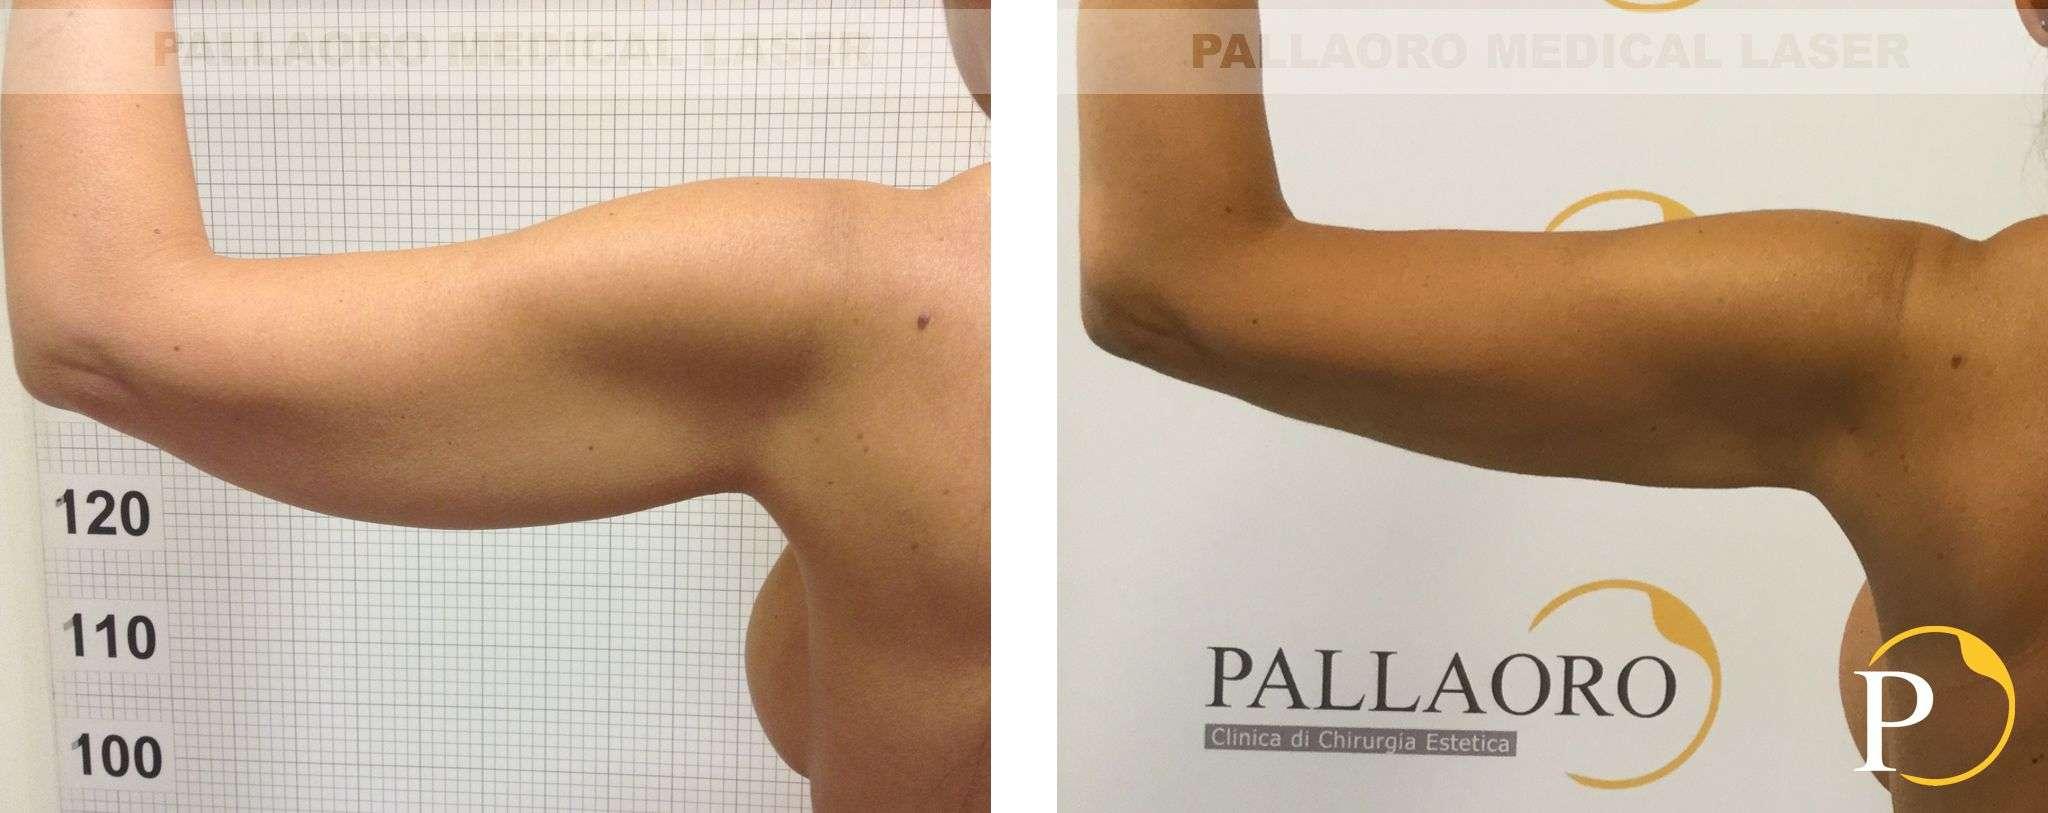 liposuzione foto 2020 0003 01 braccia